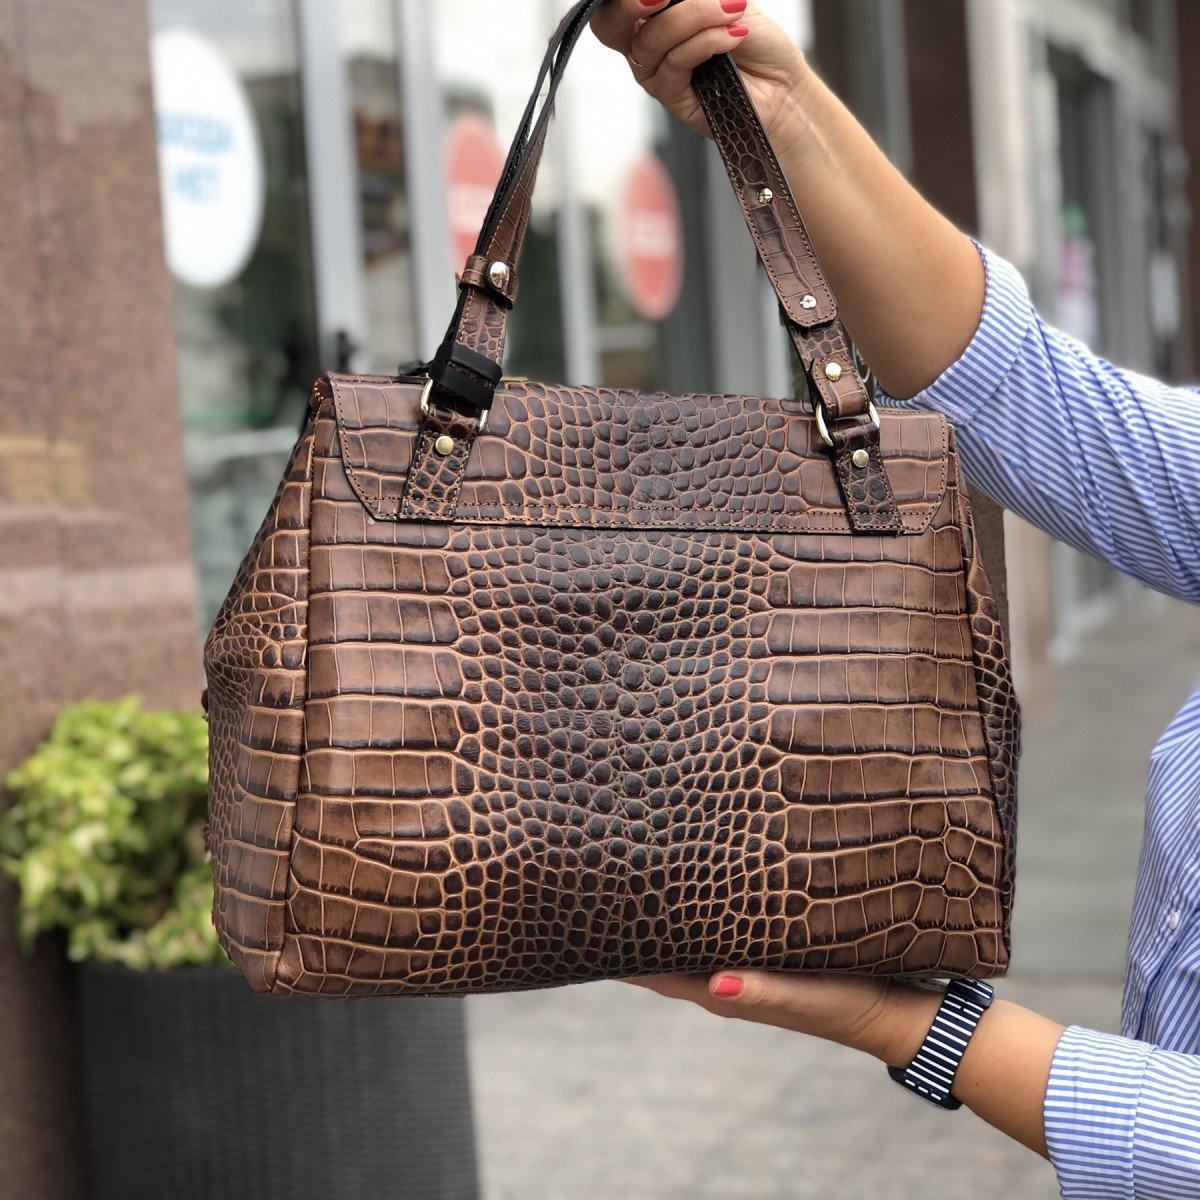 Женская кожаная сумка Ripani 9268SO.00060 Mandorla из натуральной кожи